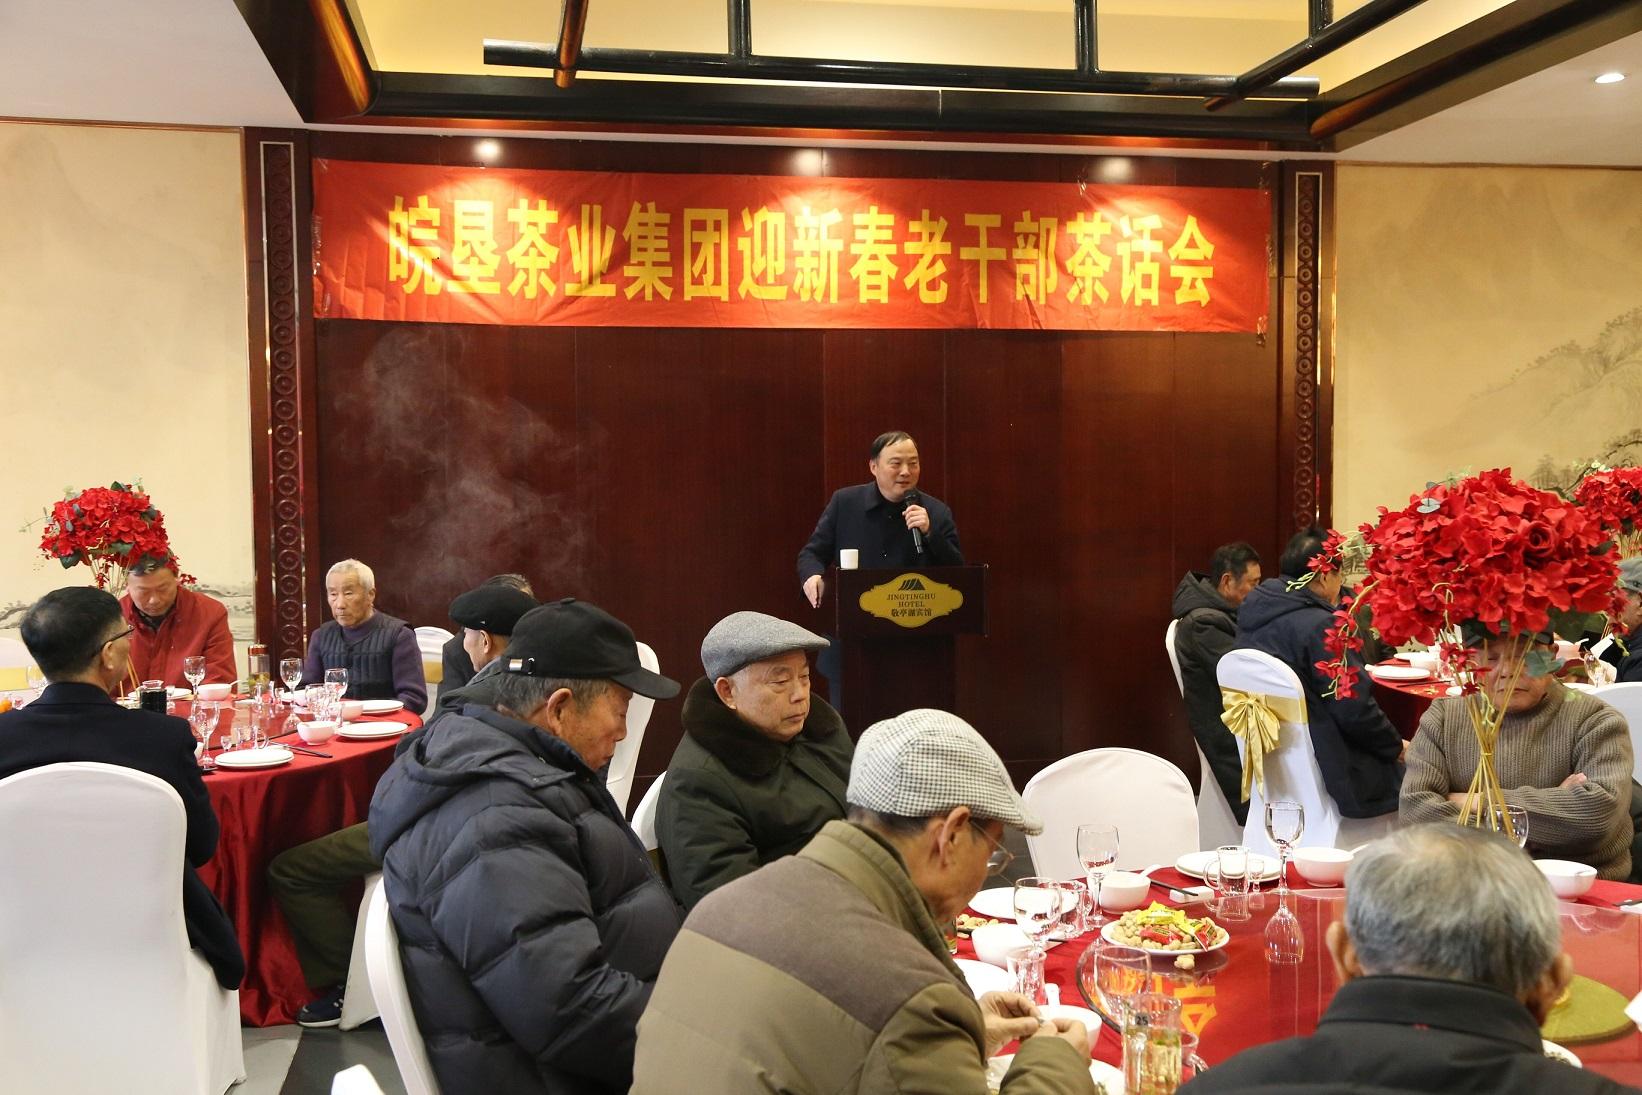 迎新春  话发展  担使命 ——皖垦茶业集团举行迎新春老干部茶话会